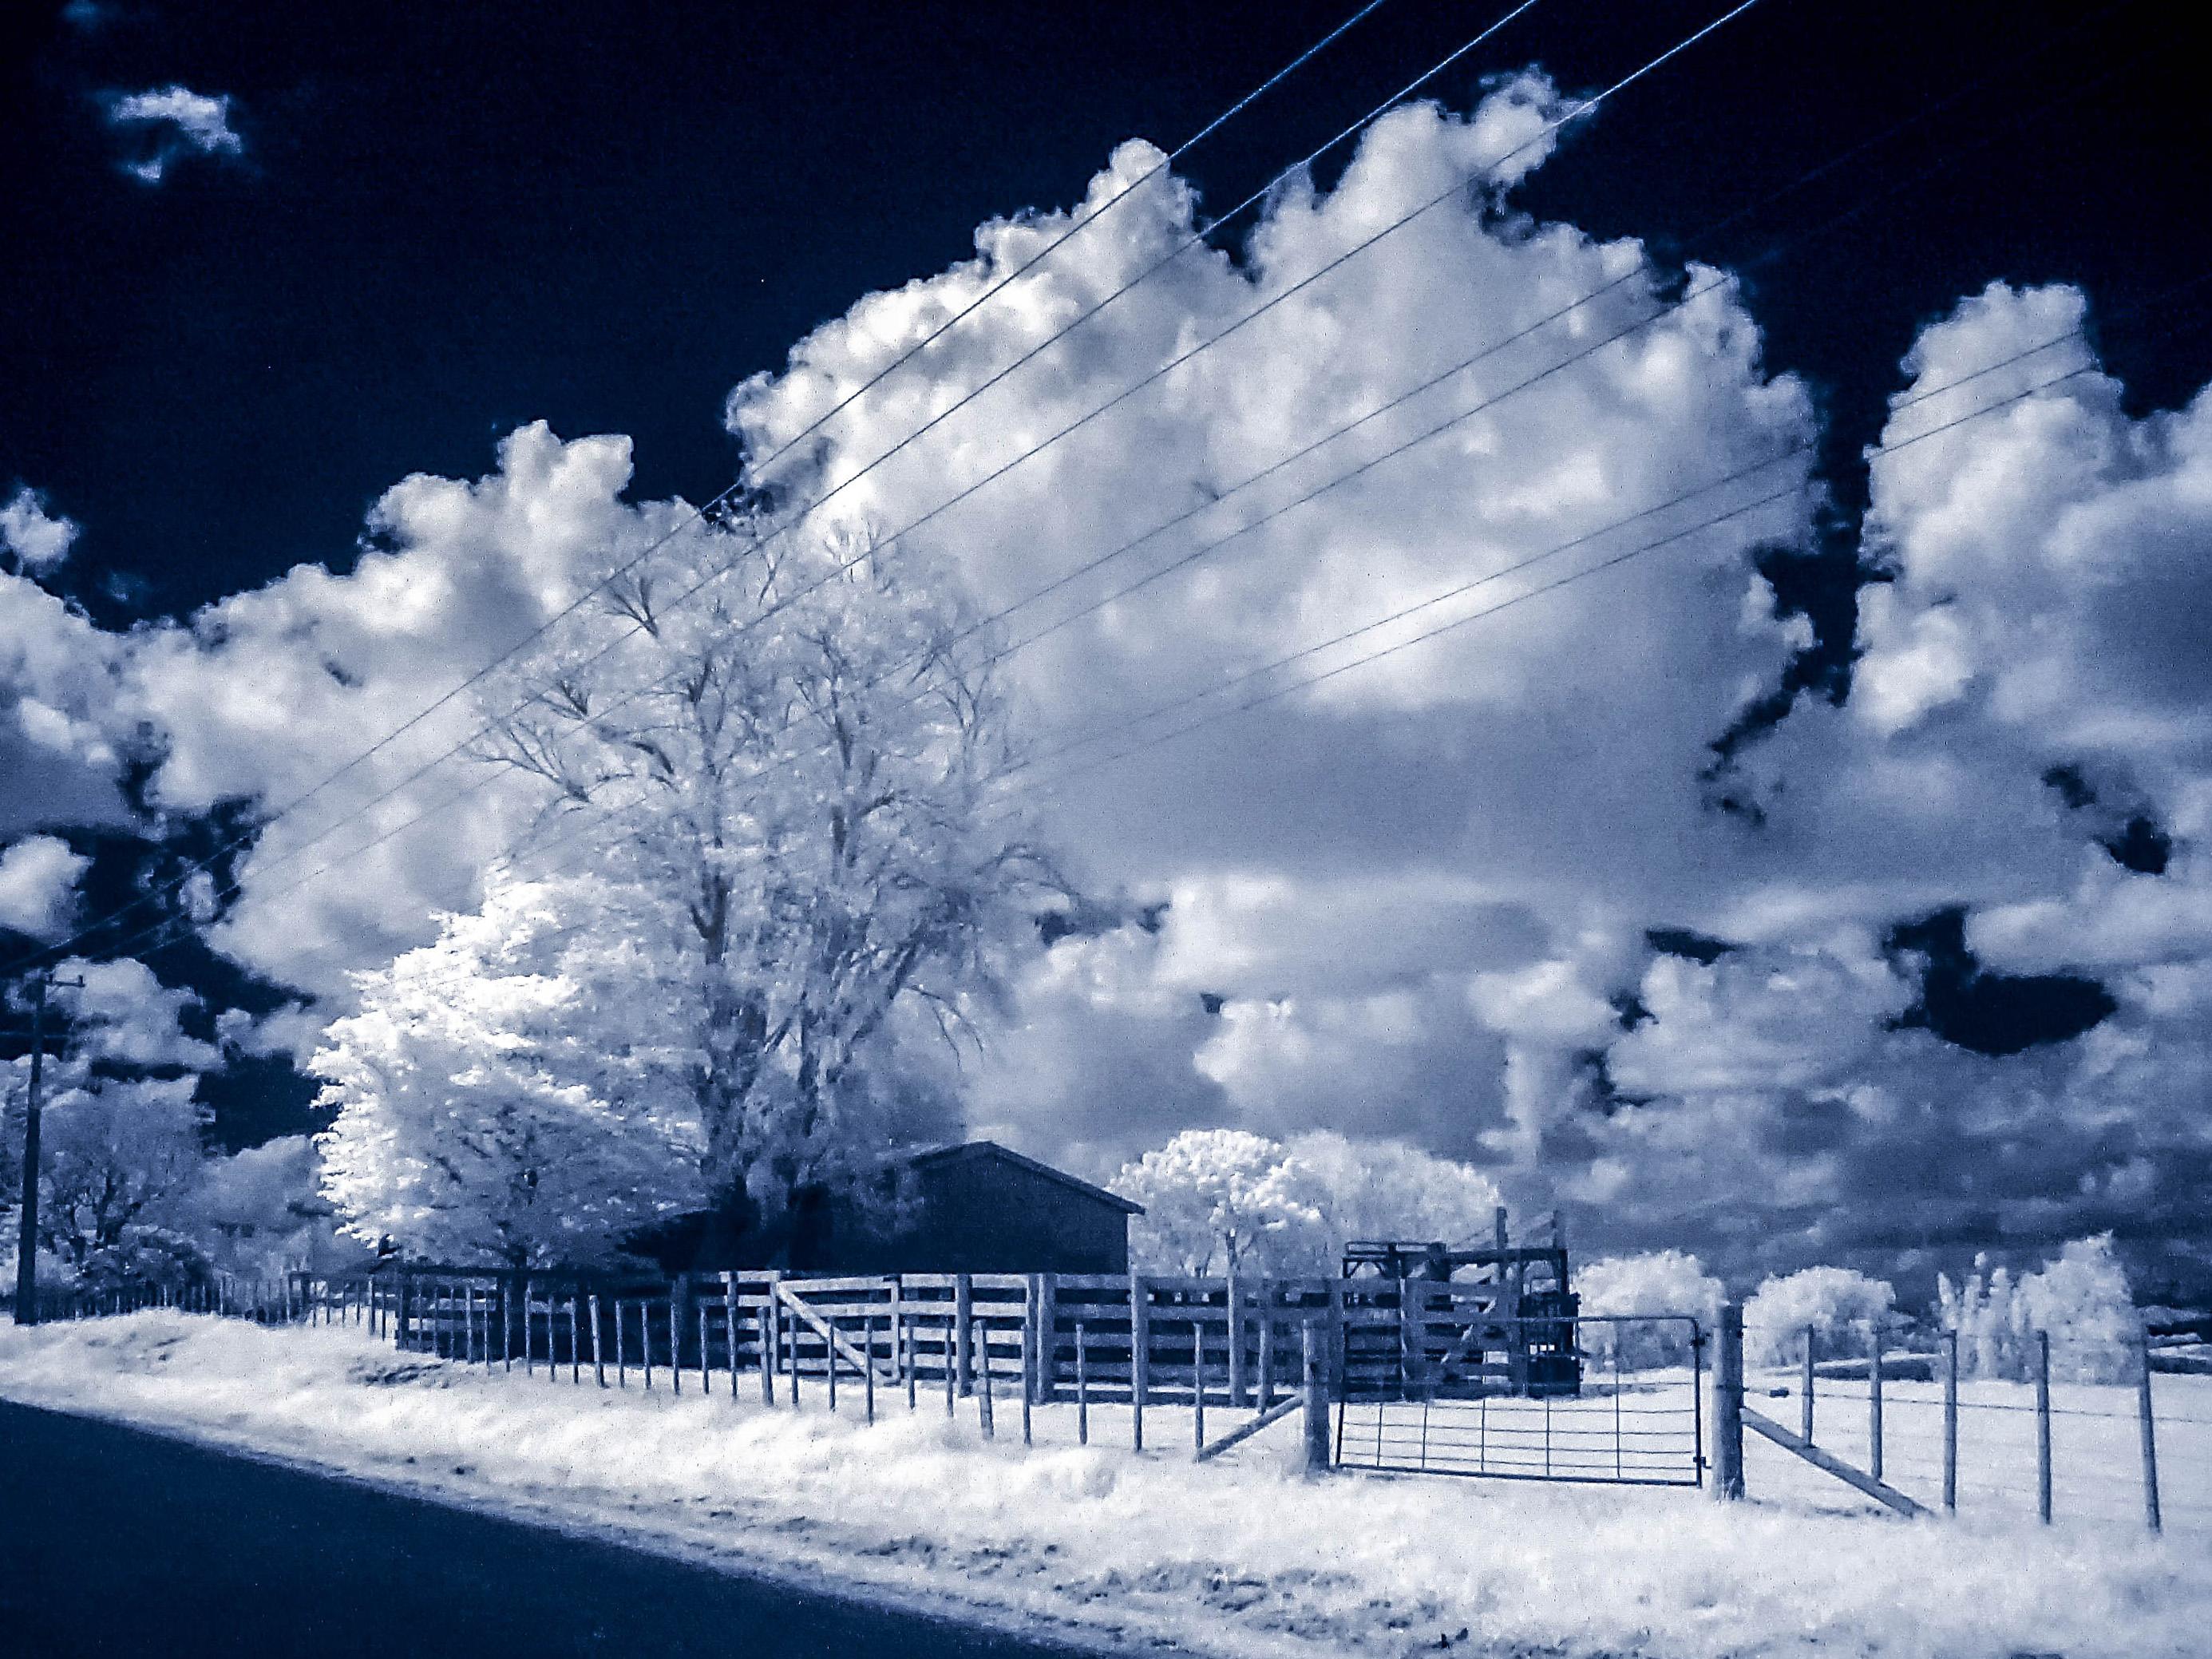 облака зимой в картинках гариков относится той